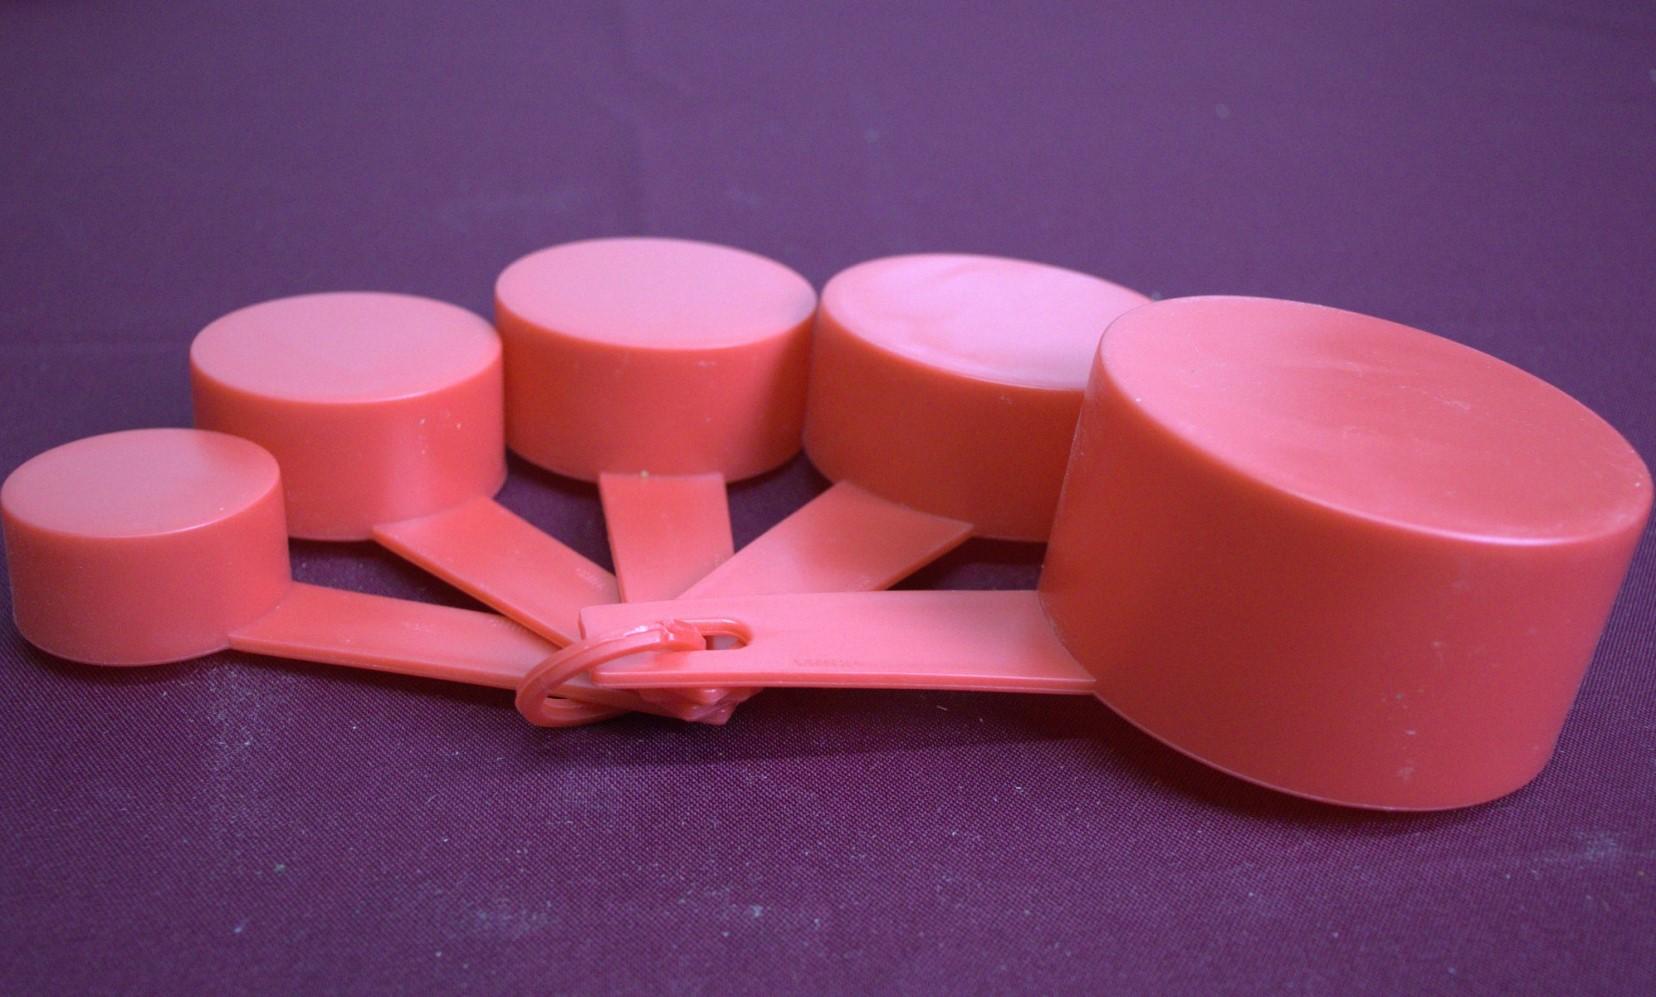 xicaras colheres medidoras de cozinha kit5 colher medidas culinarias vermelho